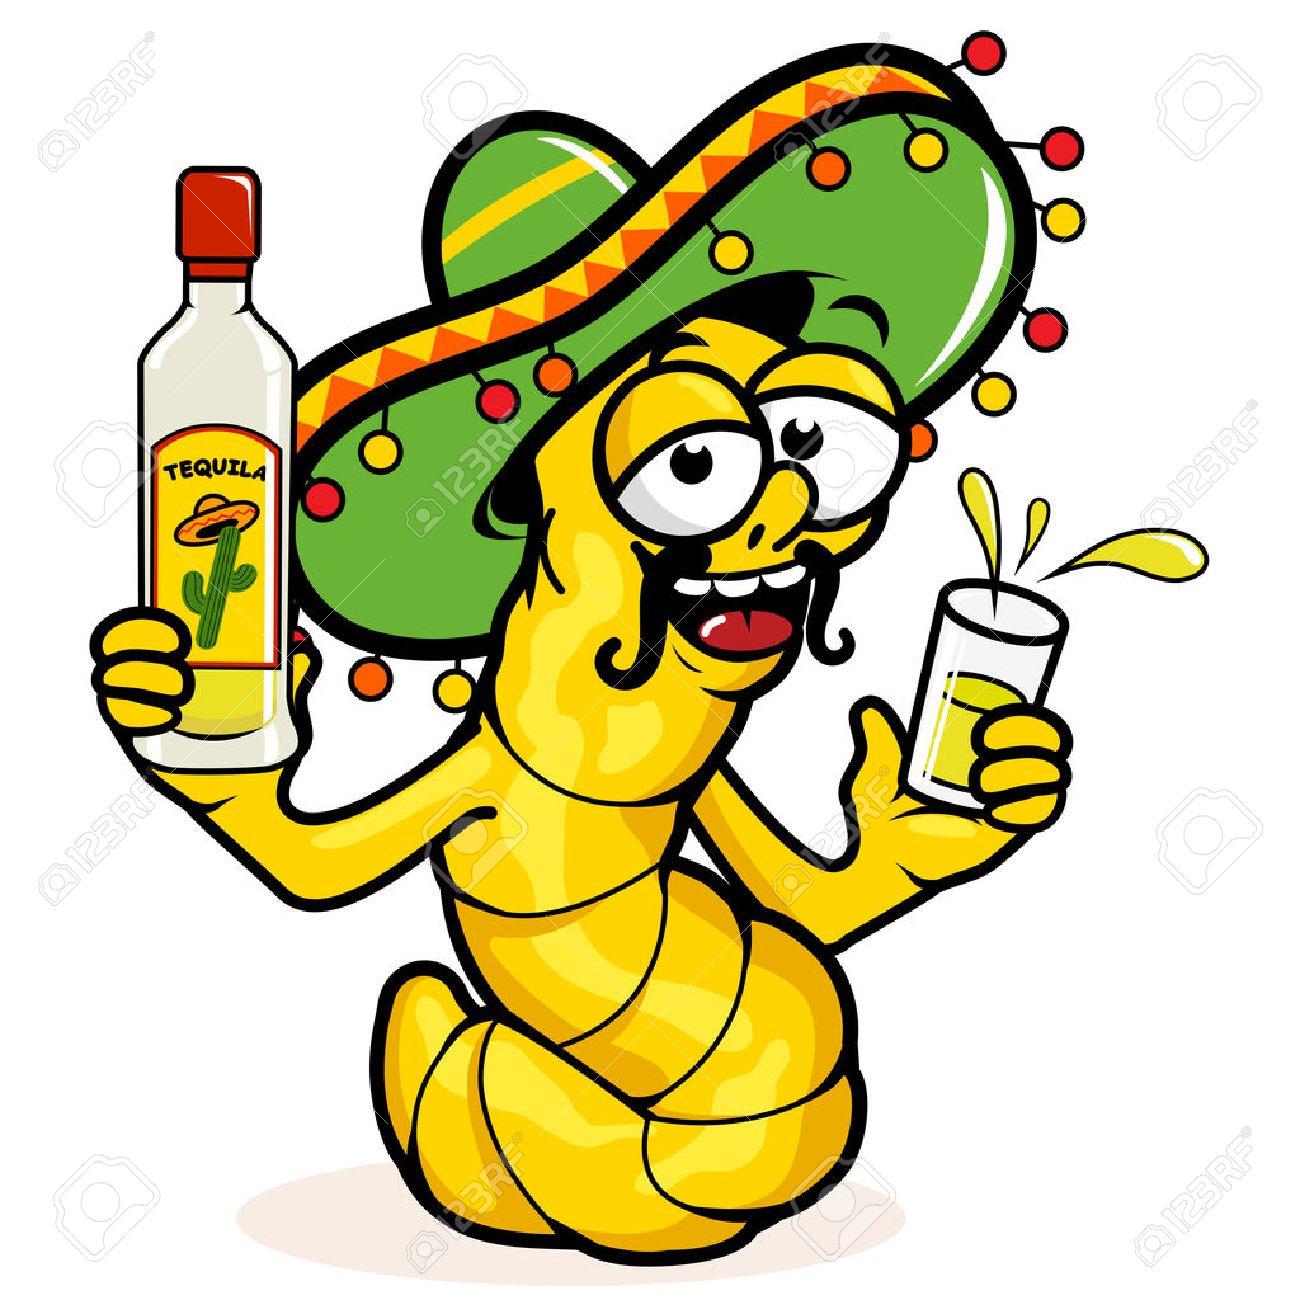 féreg tequila)